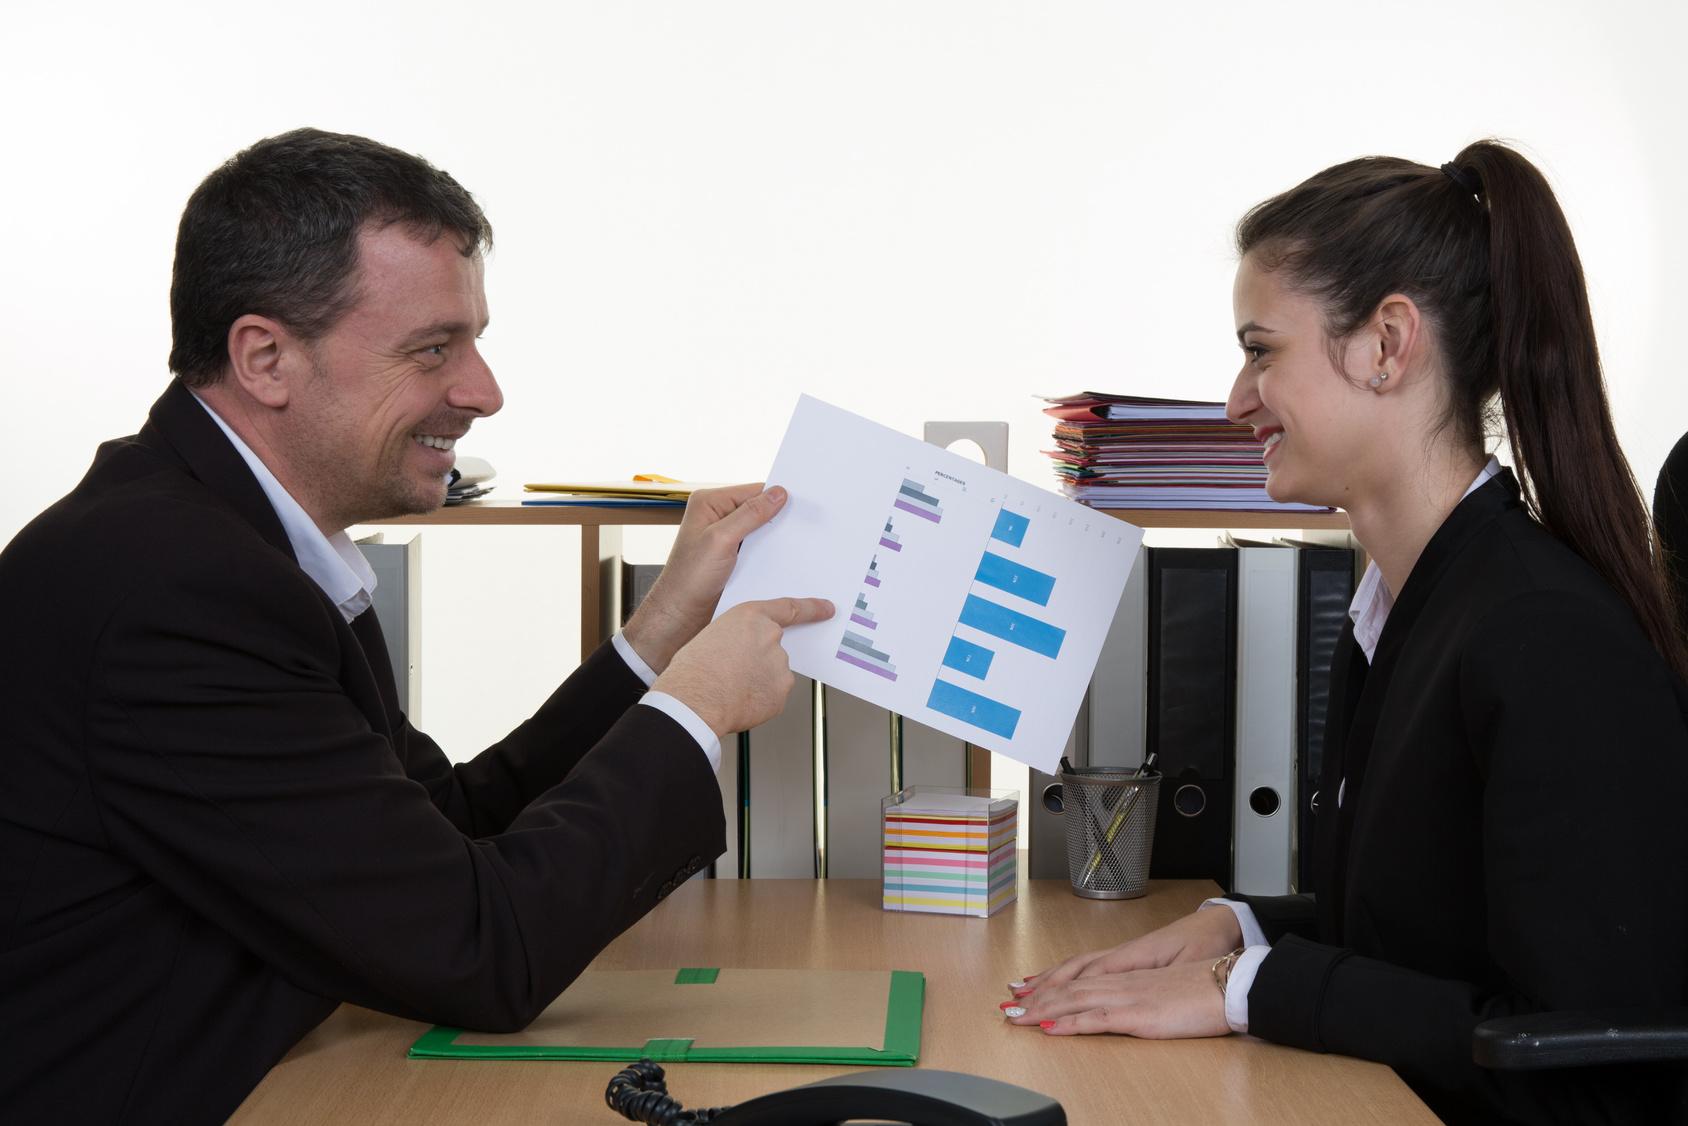 jak wygląda praca kierownika sprzedaży